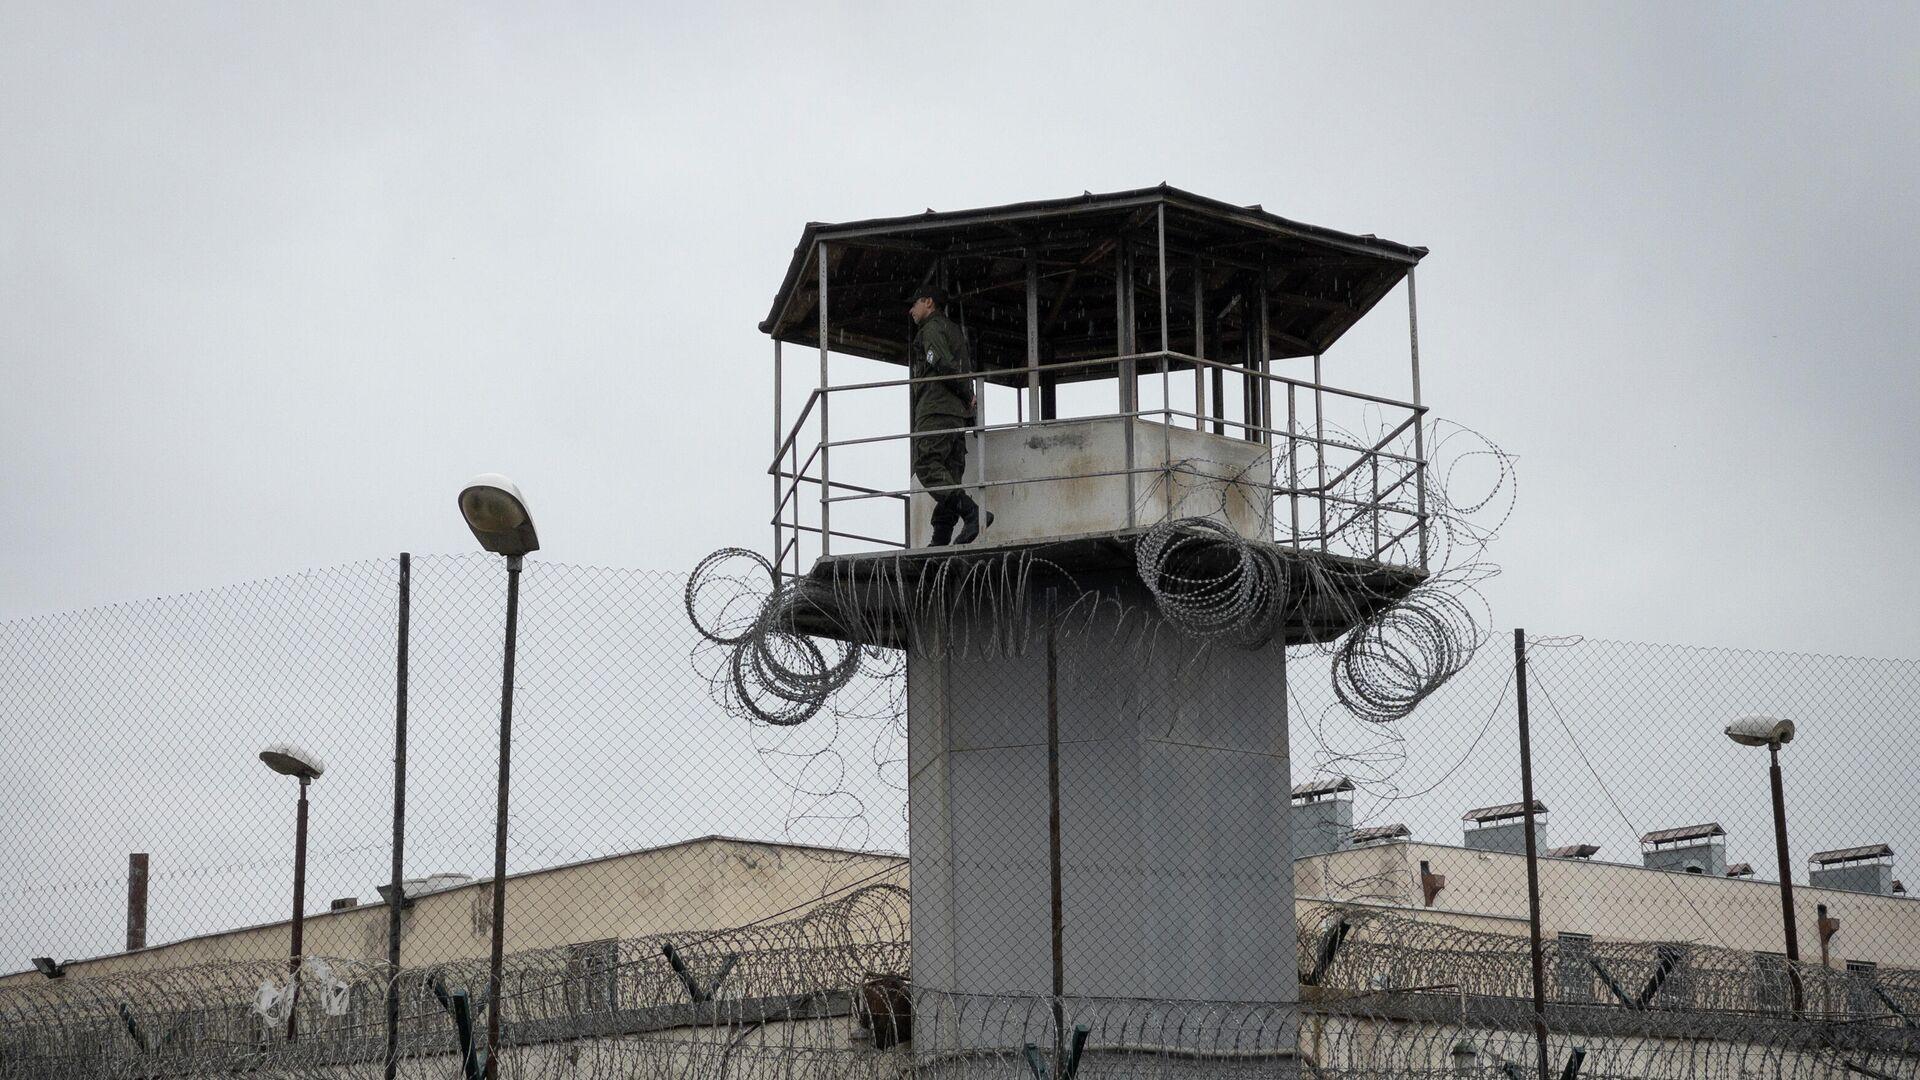 Тюрьма, где содержится бывший президент Грузии Михаил Саакашвили - РИА Новости, 1920, 03.10.2021